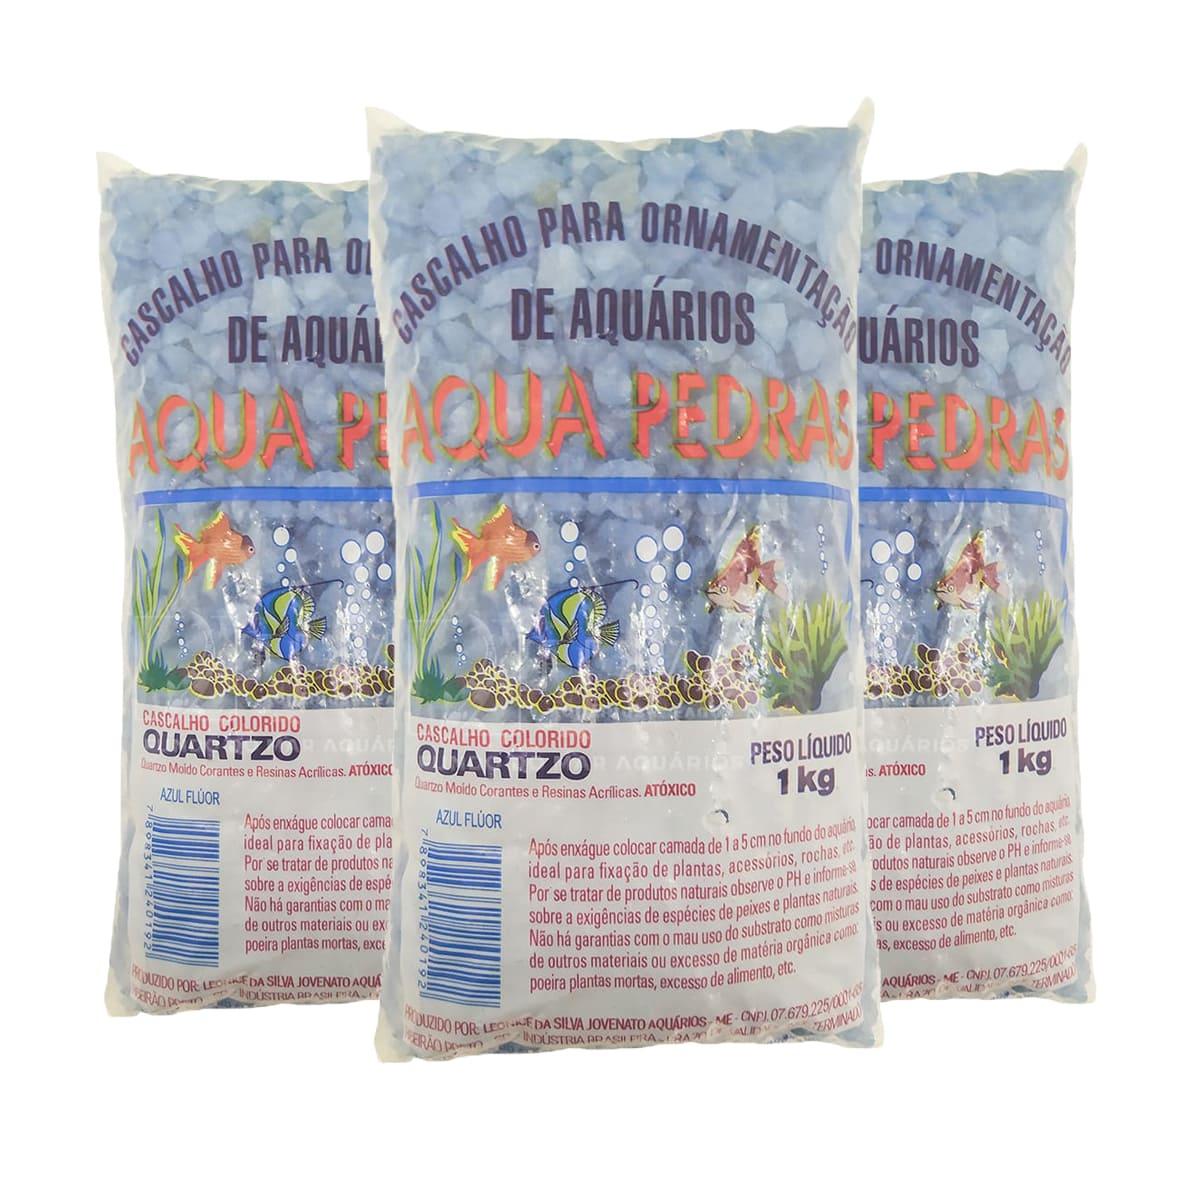 Cristal Quartzo Decoração Aquário e jardim Azul Flúor - 3kg